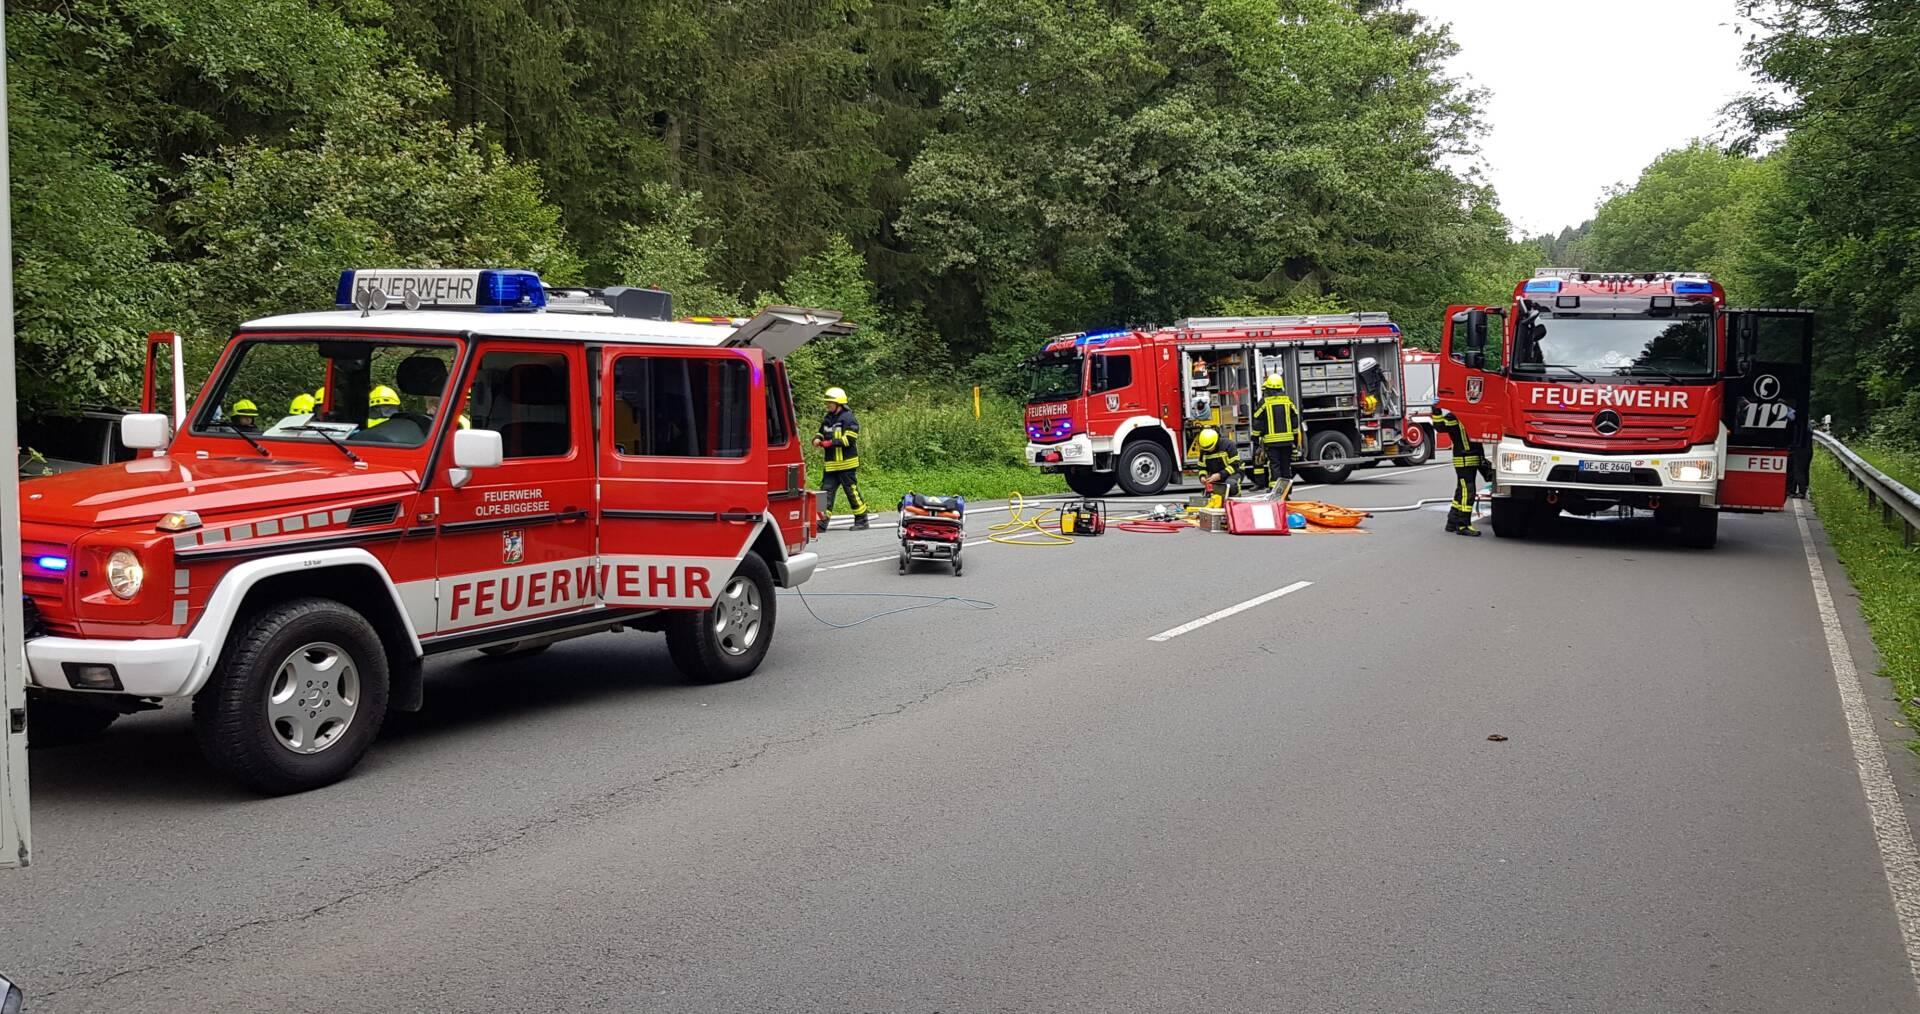 Feuerwehr an der Einsatzstelle beim Verkehrsunfall